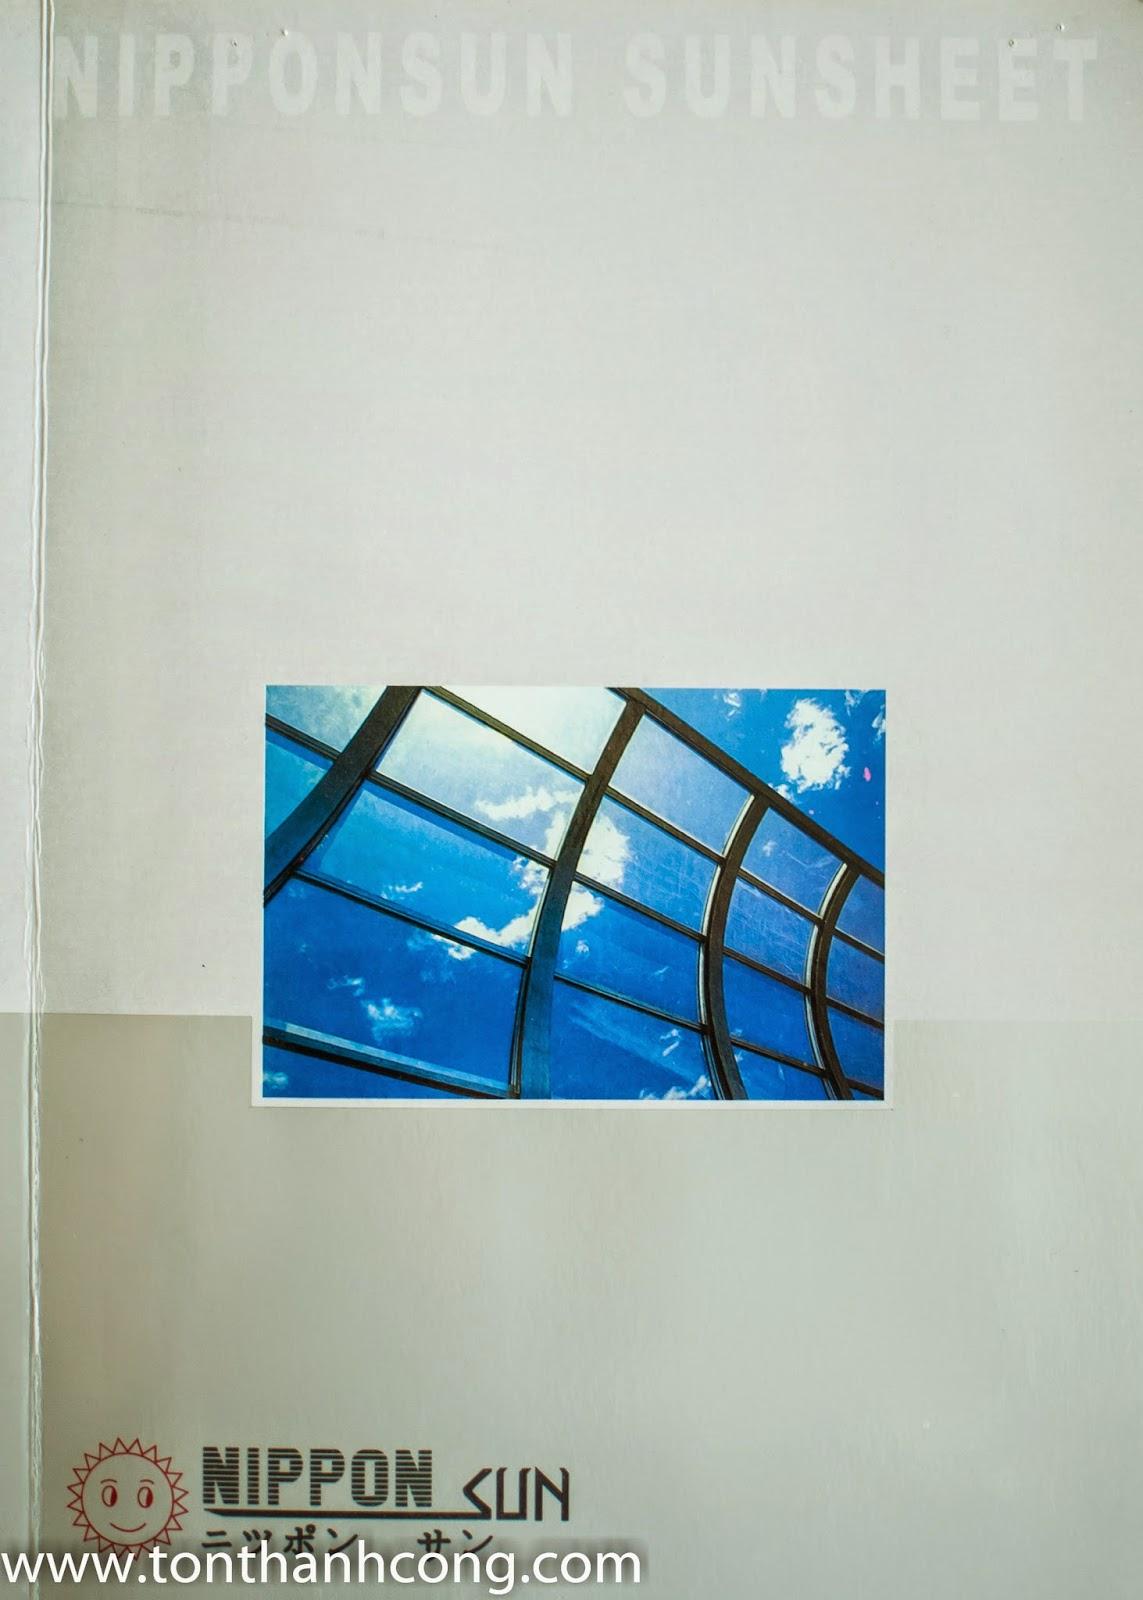 Catalogue Tấm Lấy Sáng Polycarbonate Rỗng Ruột NIPPON - Trang 1